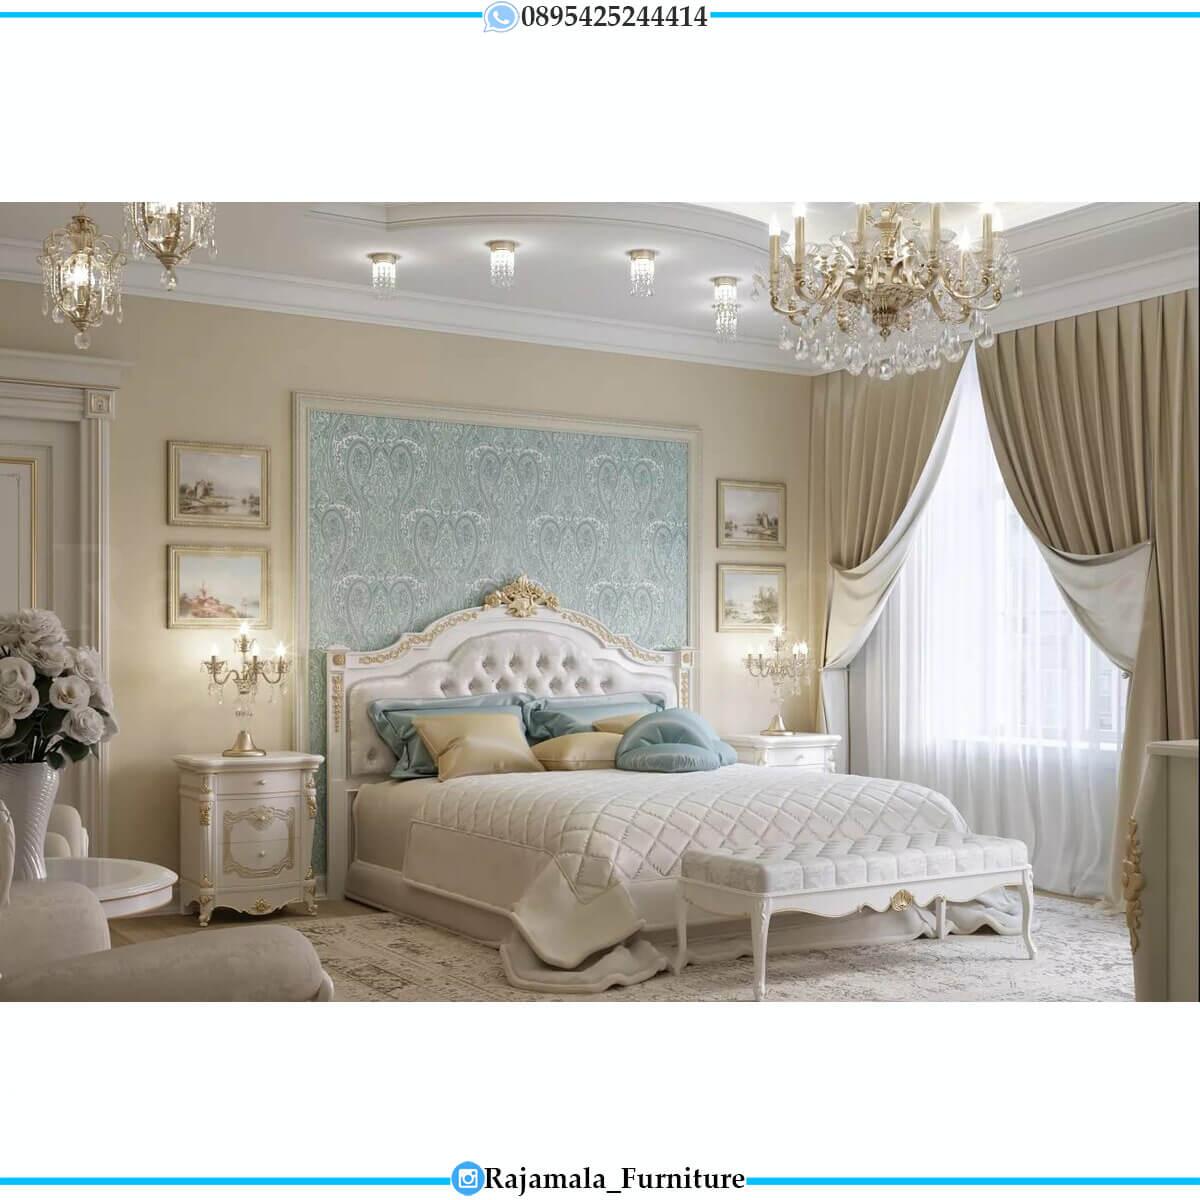 Jual Tempat Tidur Mewah Ukiran Classic Luxury Mebel Jepara RM-0707